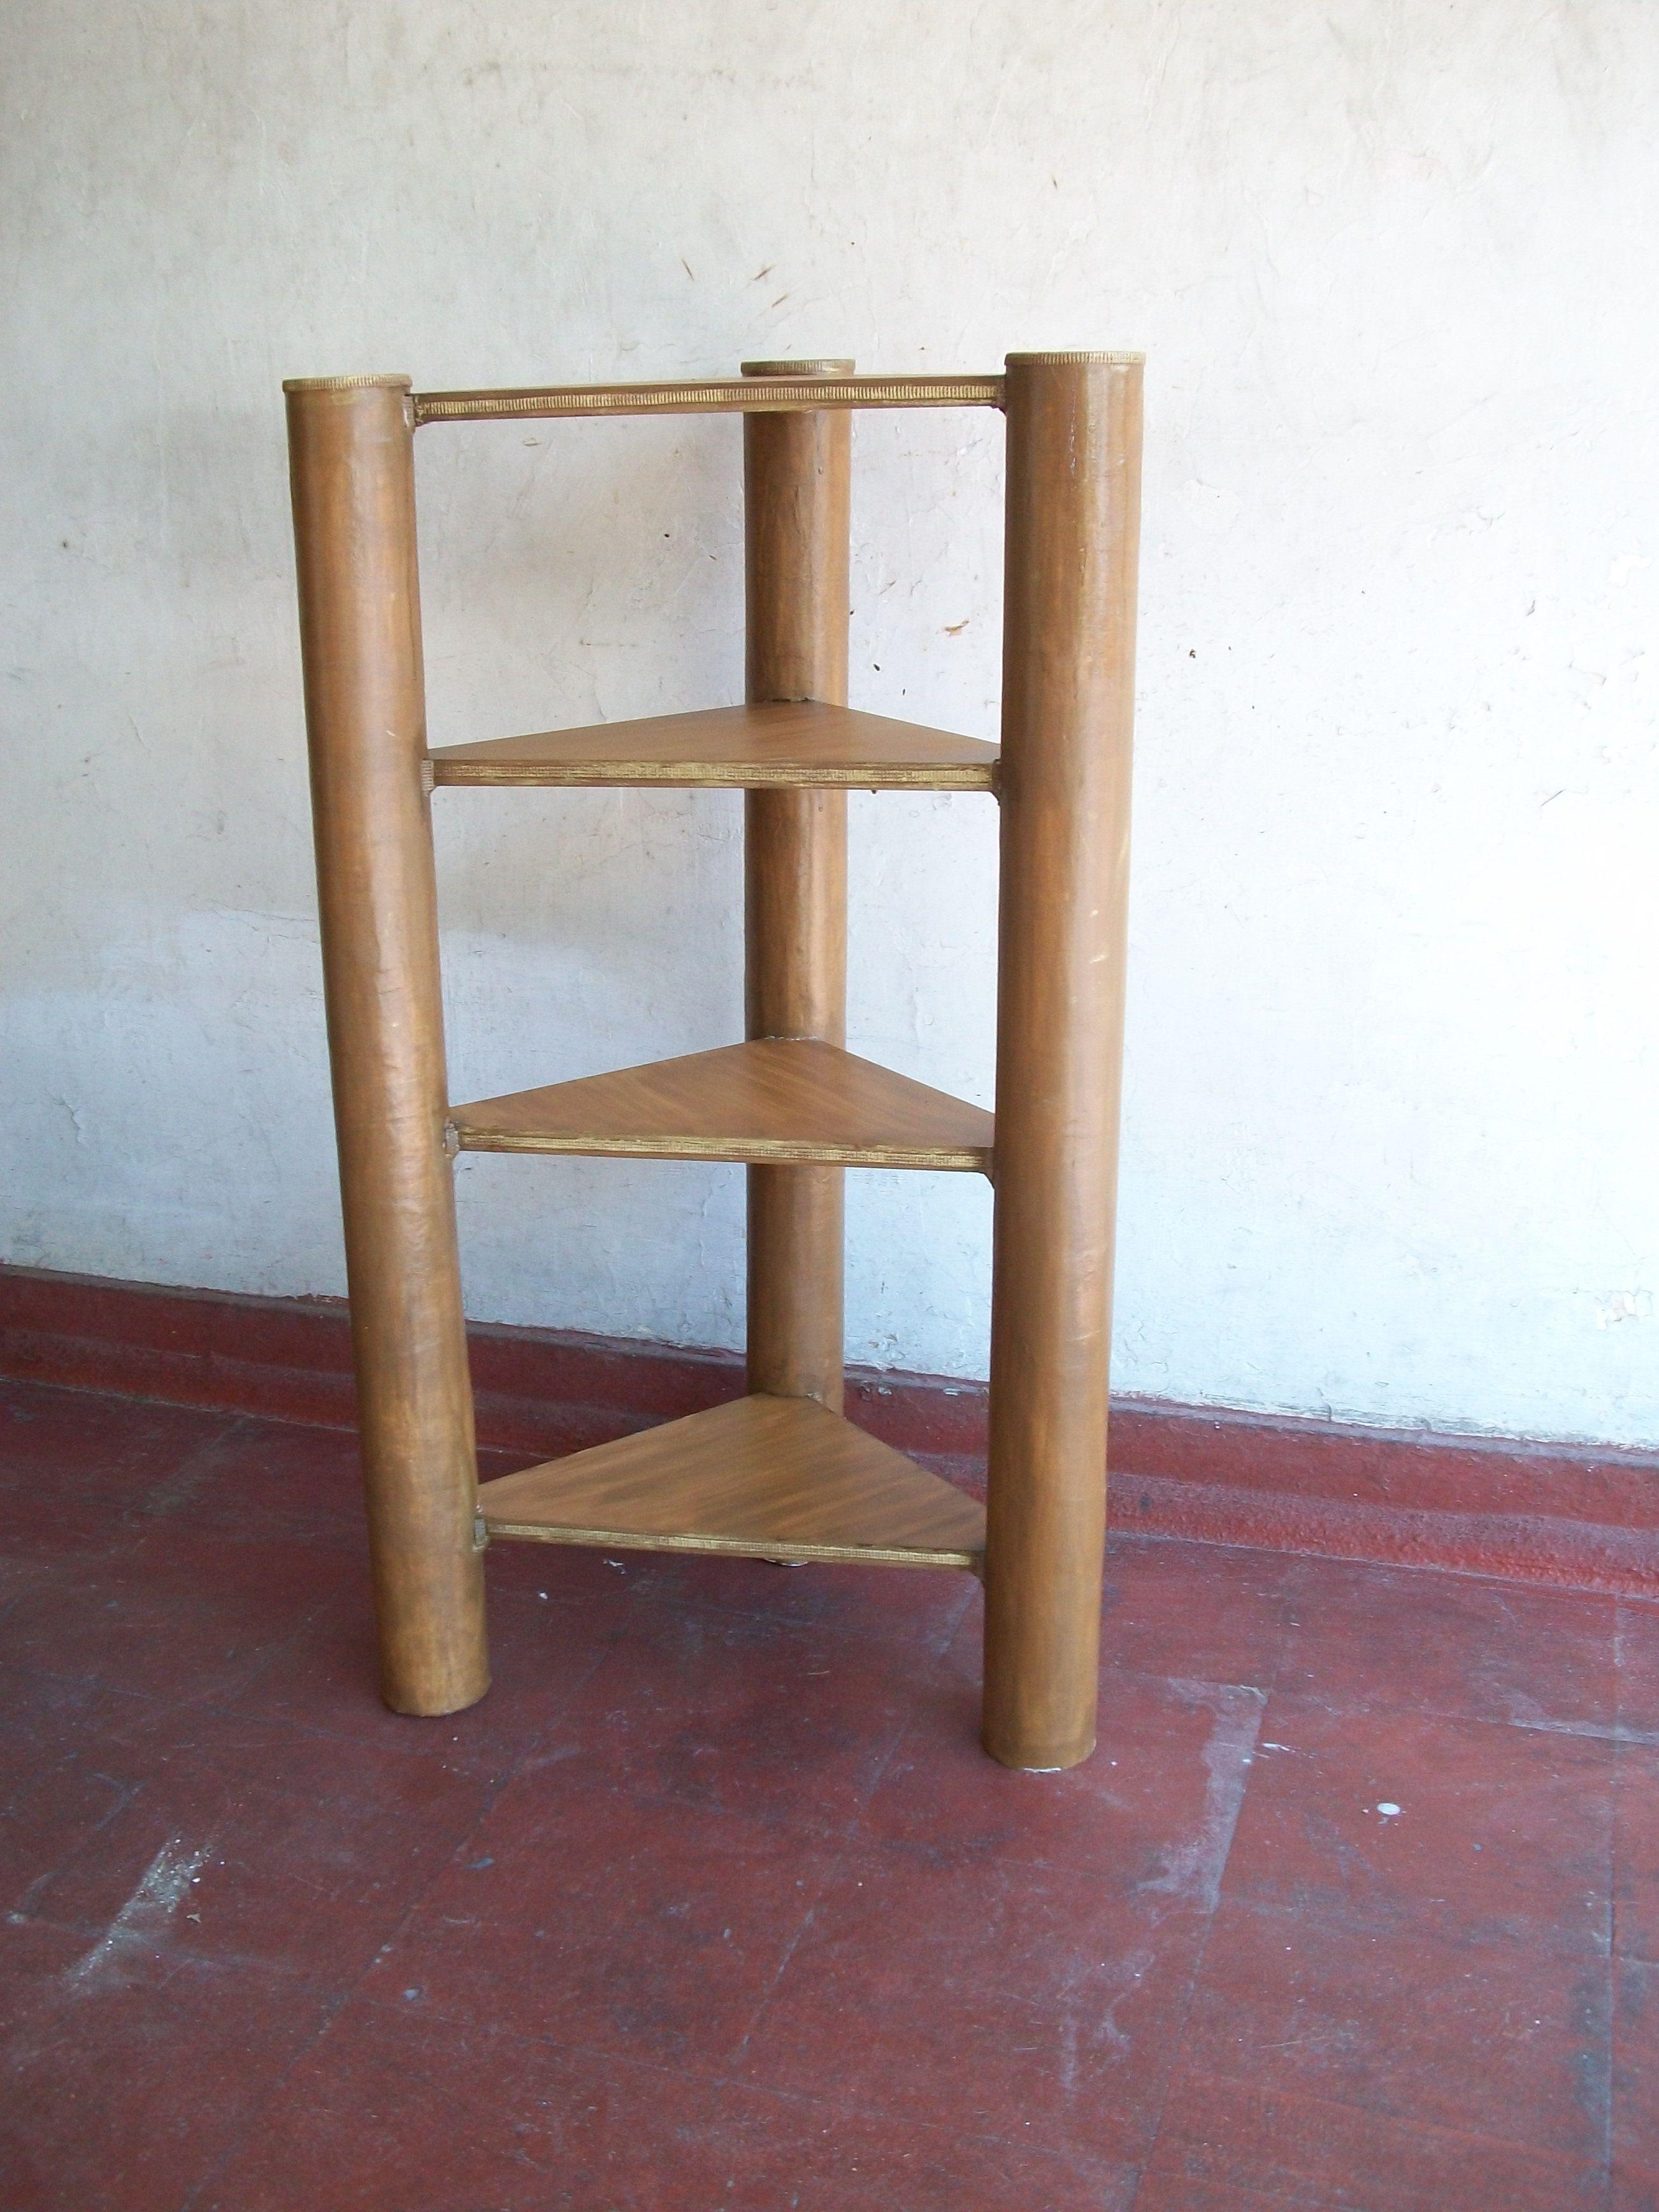 Esquinera con rollos de carton y madera mucha cartapesta - Rollos adhesivos para muebles ...